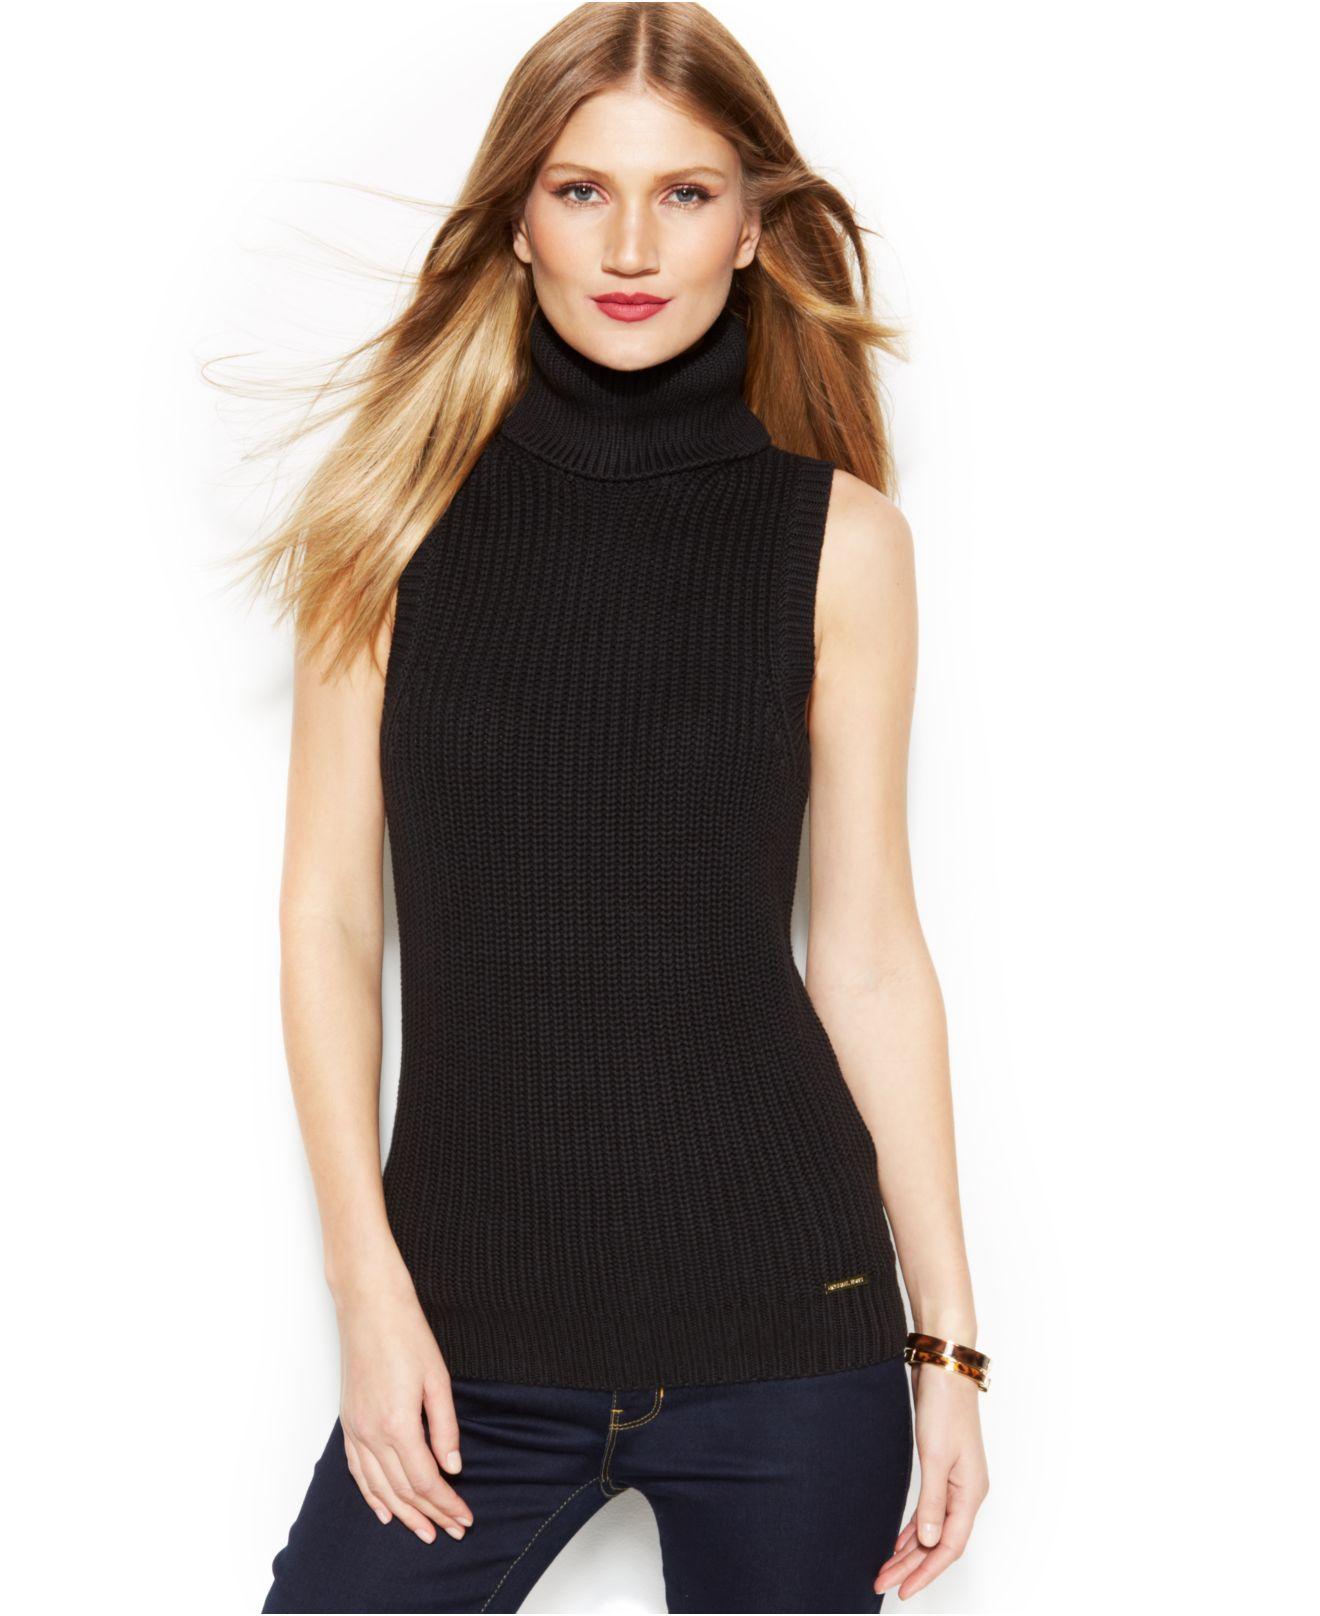 ブライジットバイレー レディース ワンピース トップス Eade Sleeveless Turtleneck Sweater Dress Black!の新作,弊店はレディースファッションは販売、今登録すると割引があります。楽しくショッピングしてください!